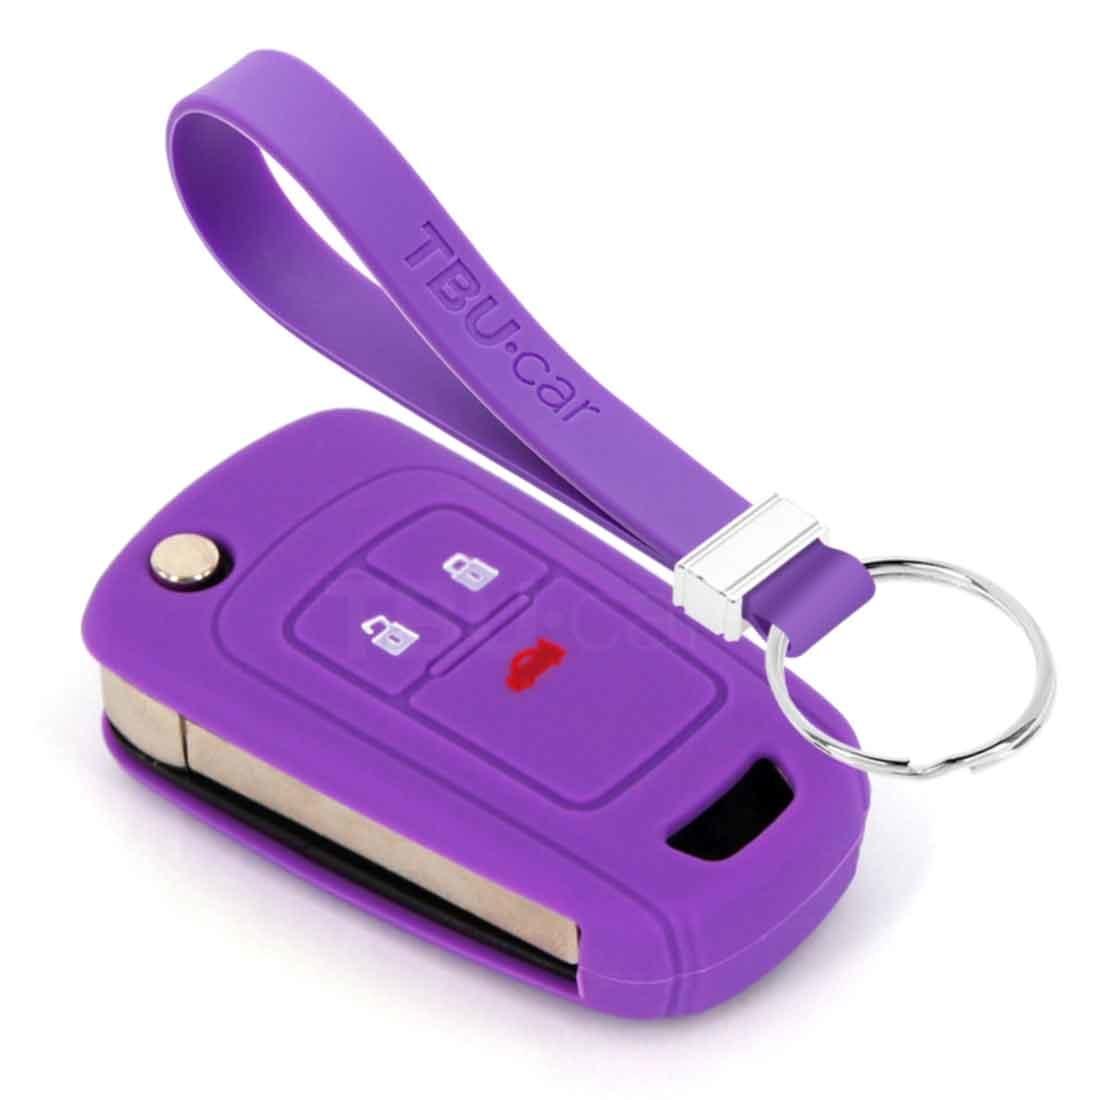 TBU car TBU car Funda Carcasa llave compatible con Chevrolet - Funda de Silicona - Cover de Llave Coche - Violeta